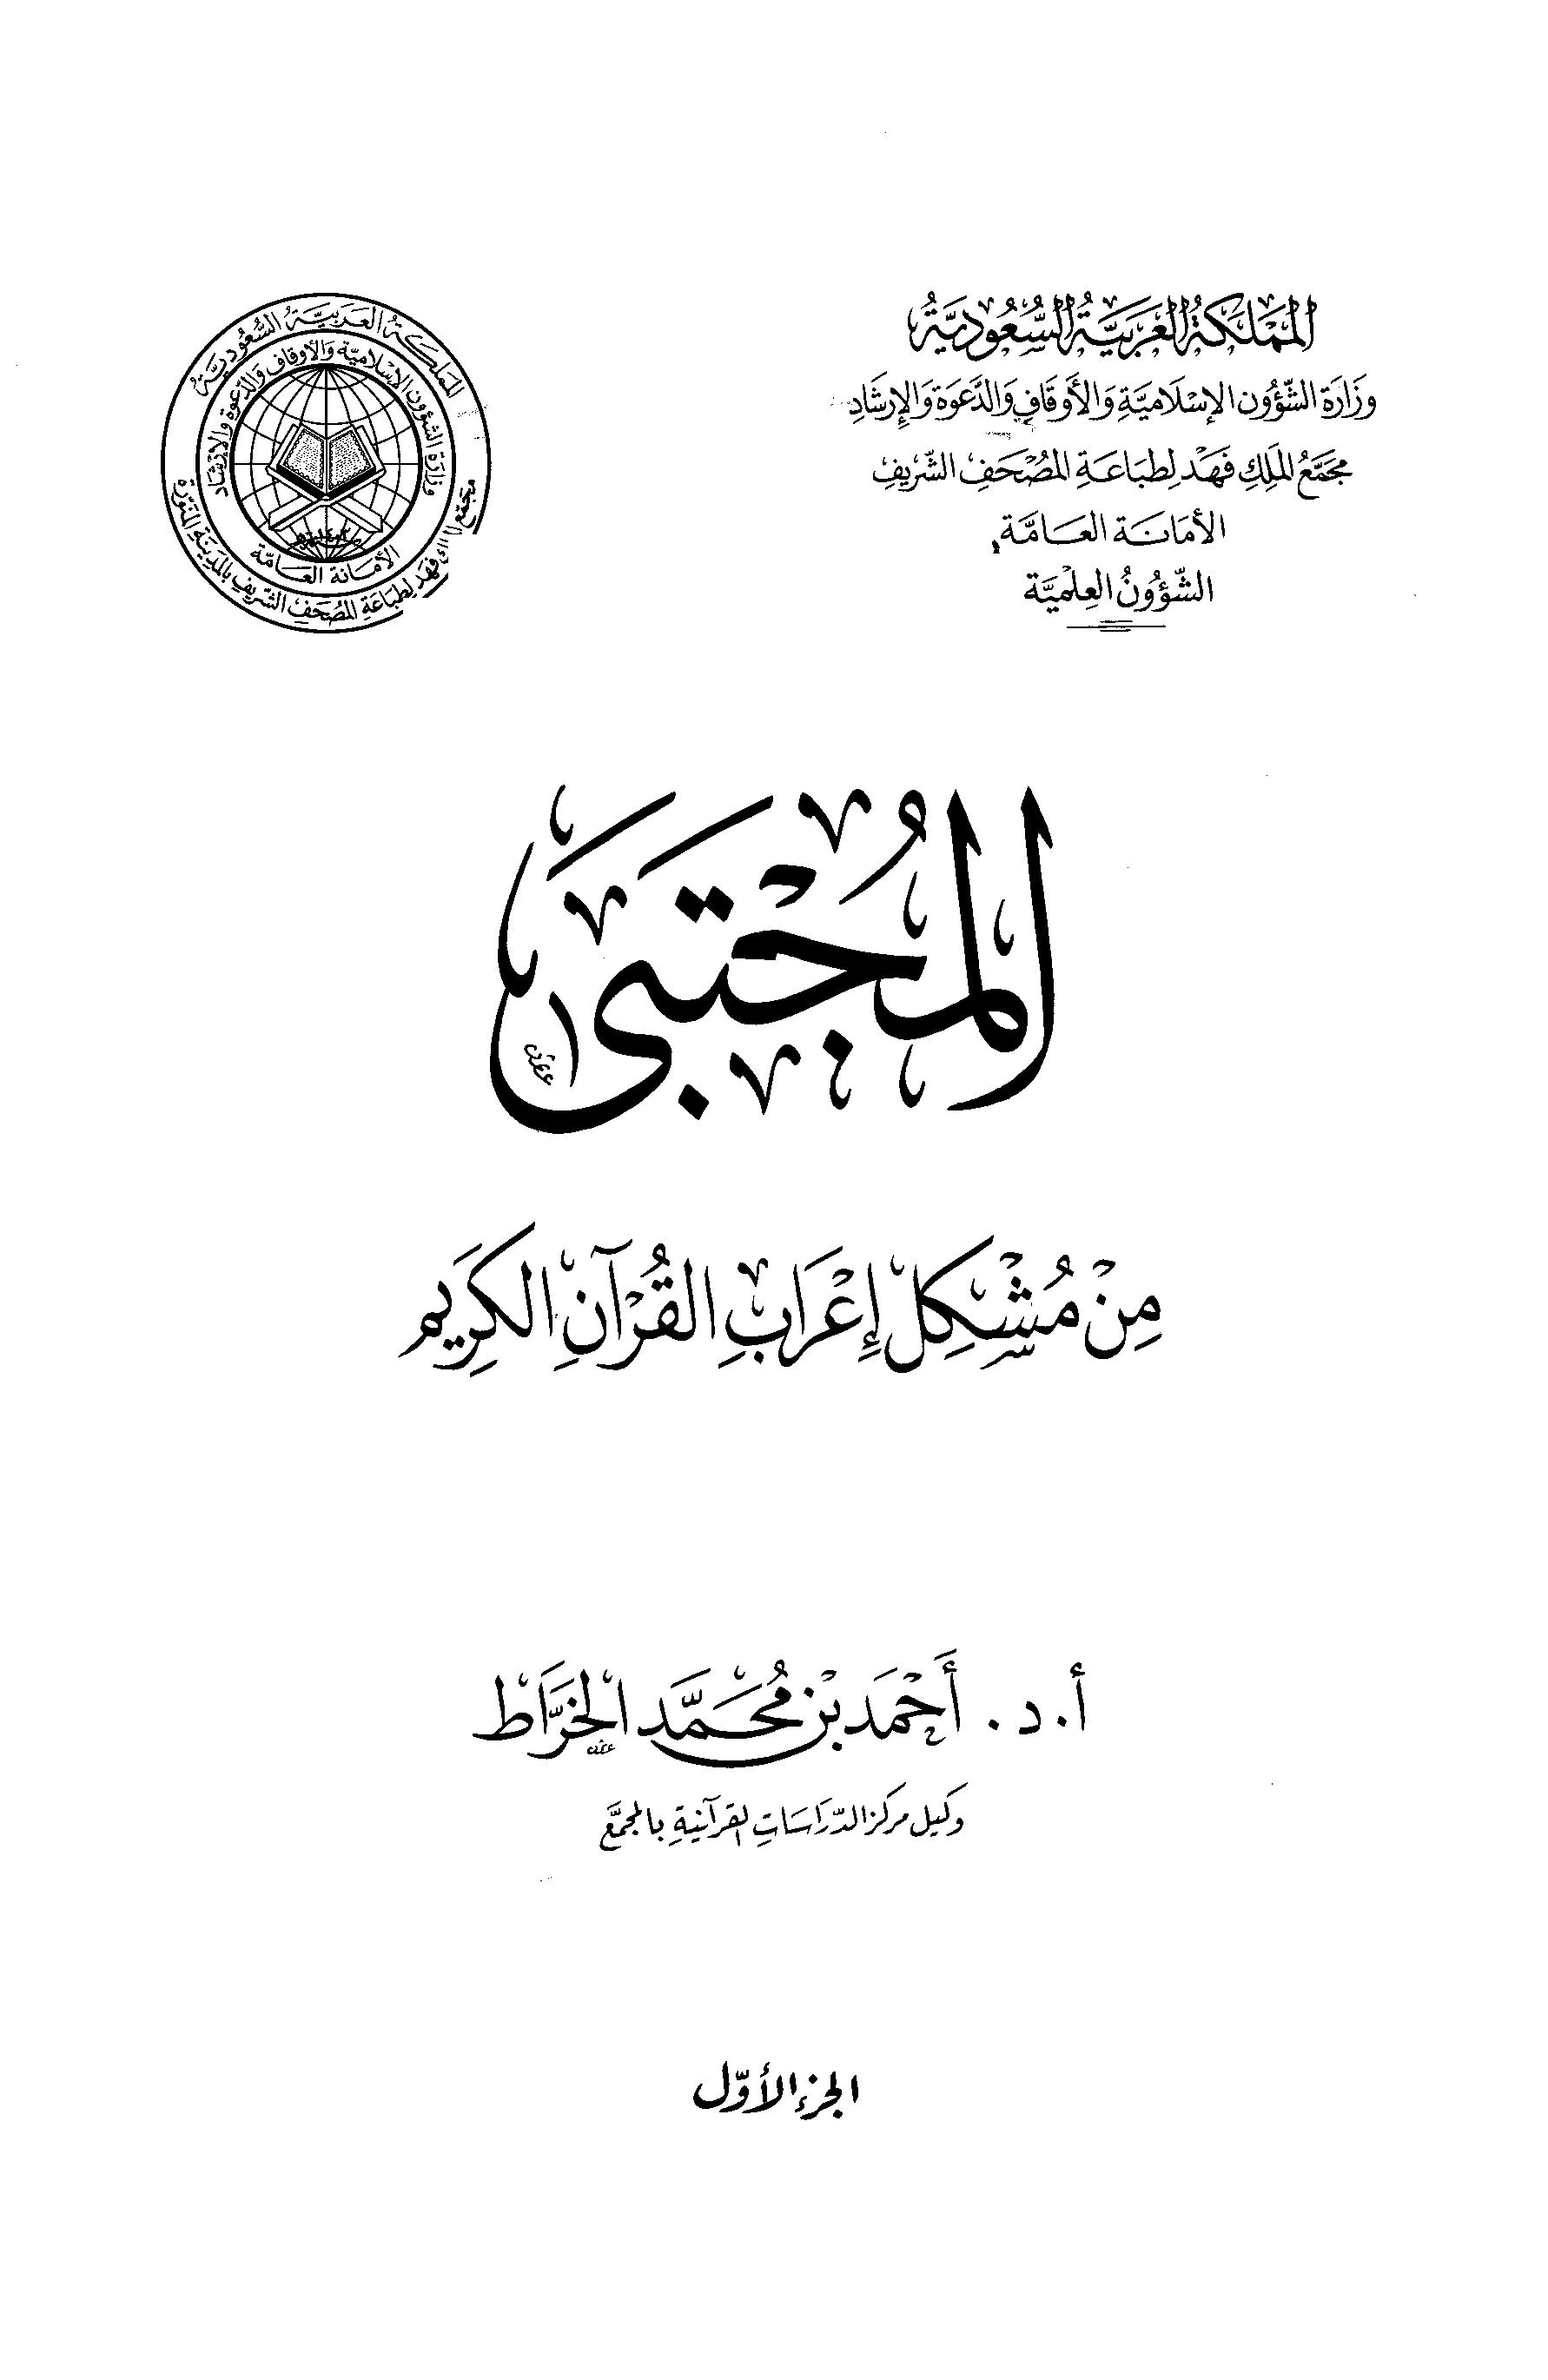 تحميل كتاب المجتبى من مشكل إعراب القرآن الكريم لـِ: الدكتور أبو بلال أحمد بن محمد الخراط